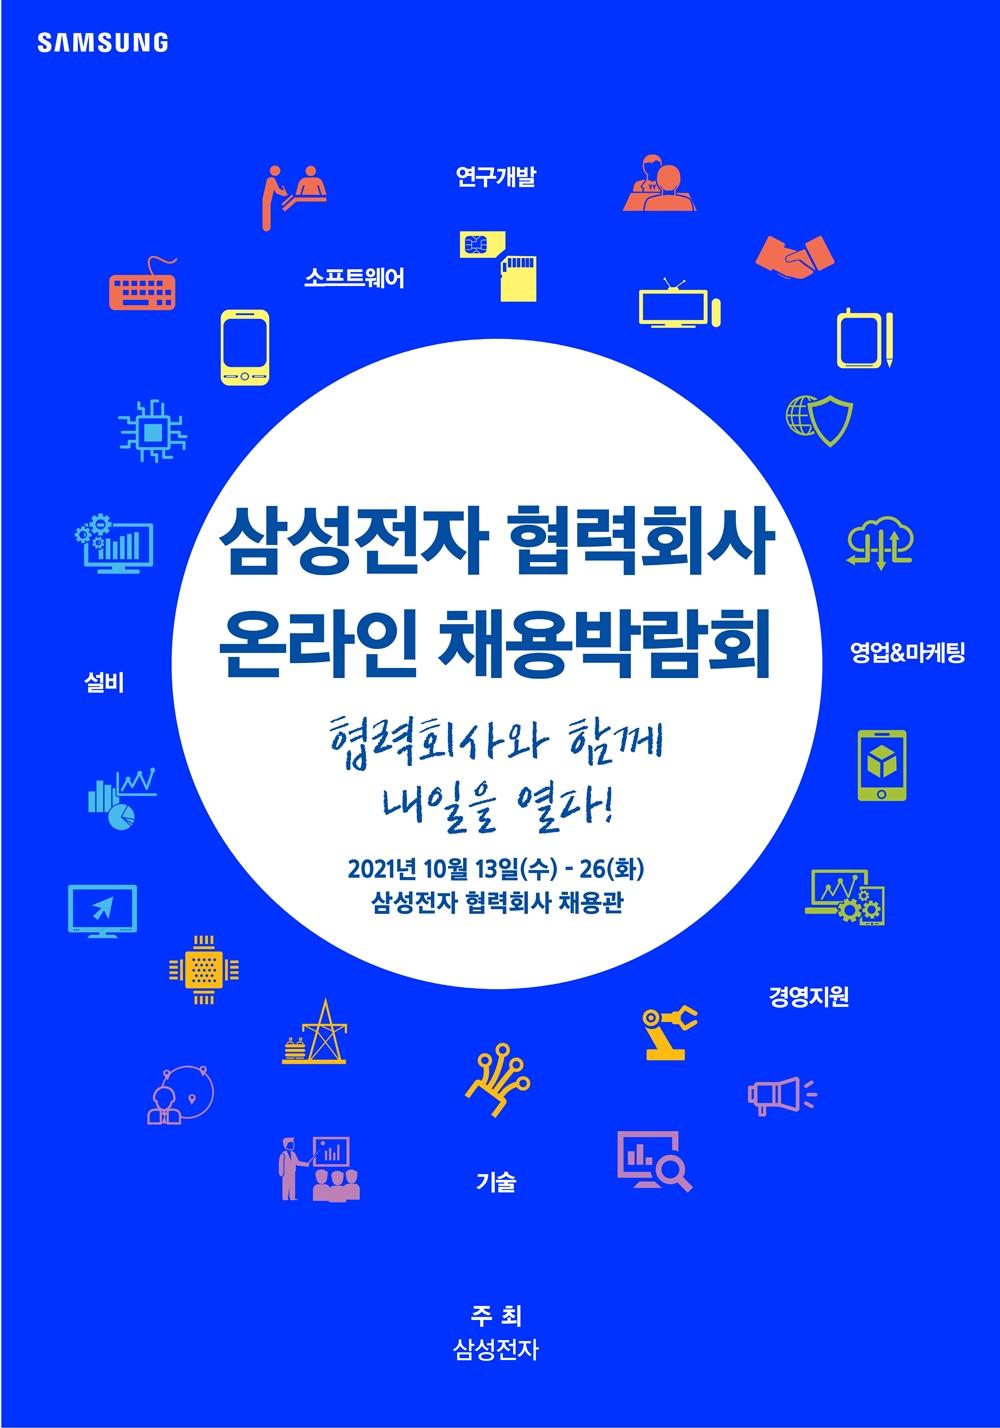 삼성전자 협력회사 온라인 채용박람회 협력회사와 함께 내일을 열라! 2021년 10월 13일(수)~26(화) 삼성 협력회사 채용관